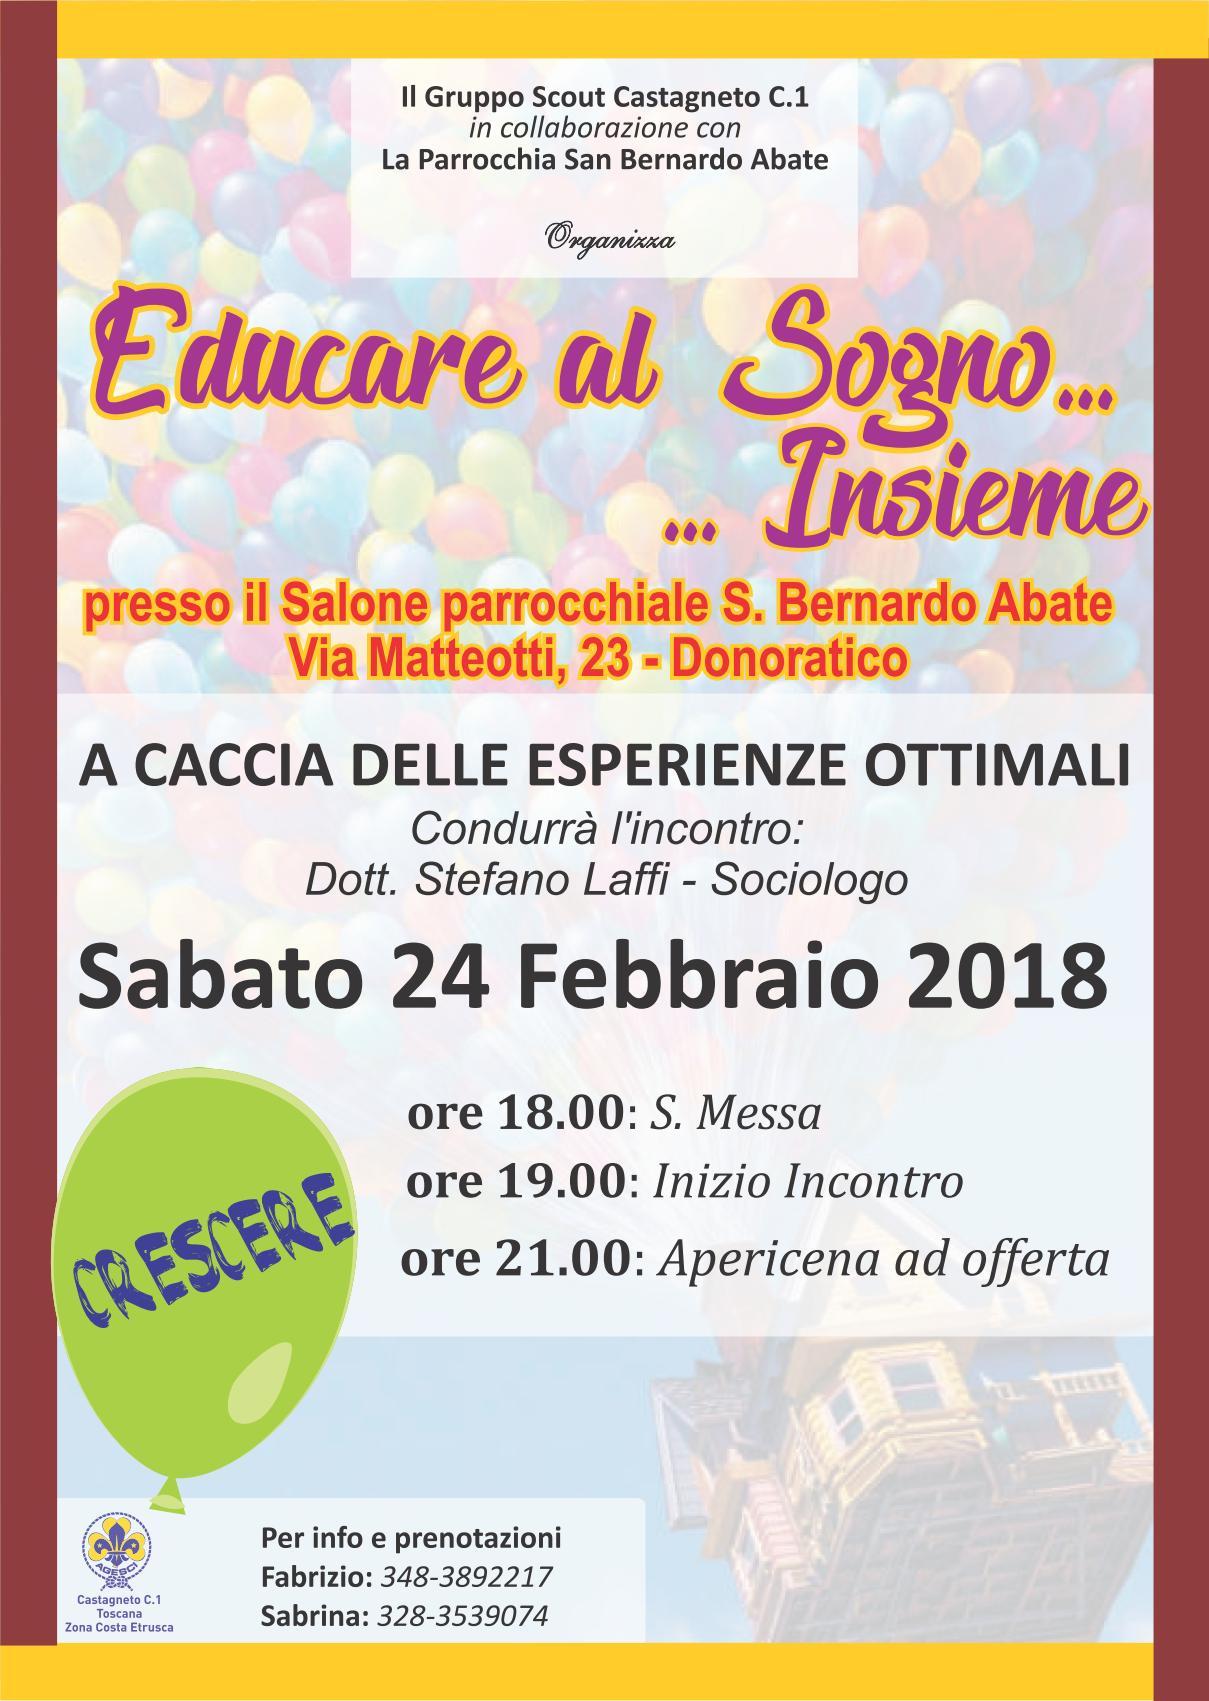 Loc.Educarealsogno24-02